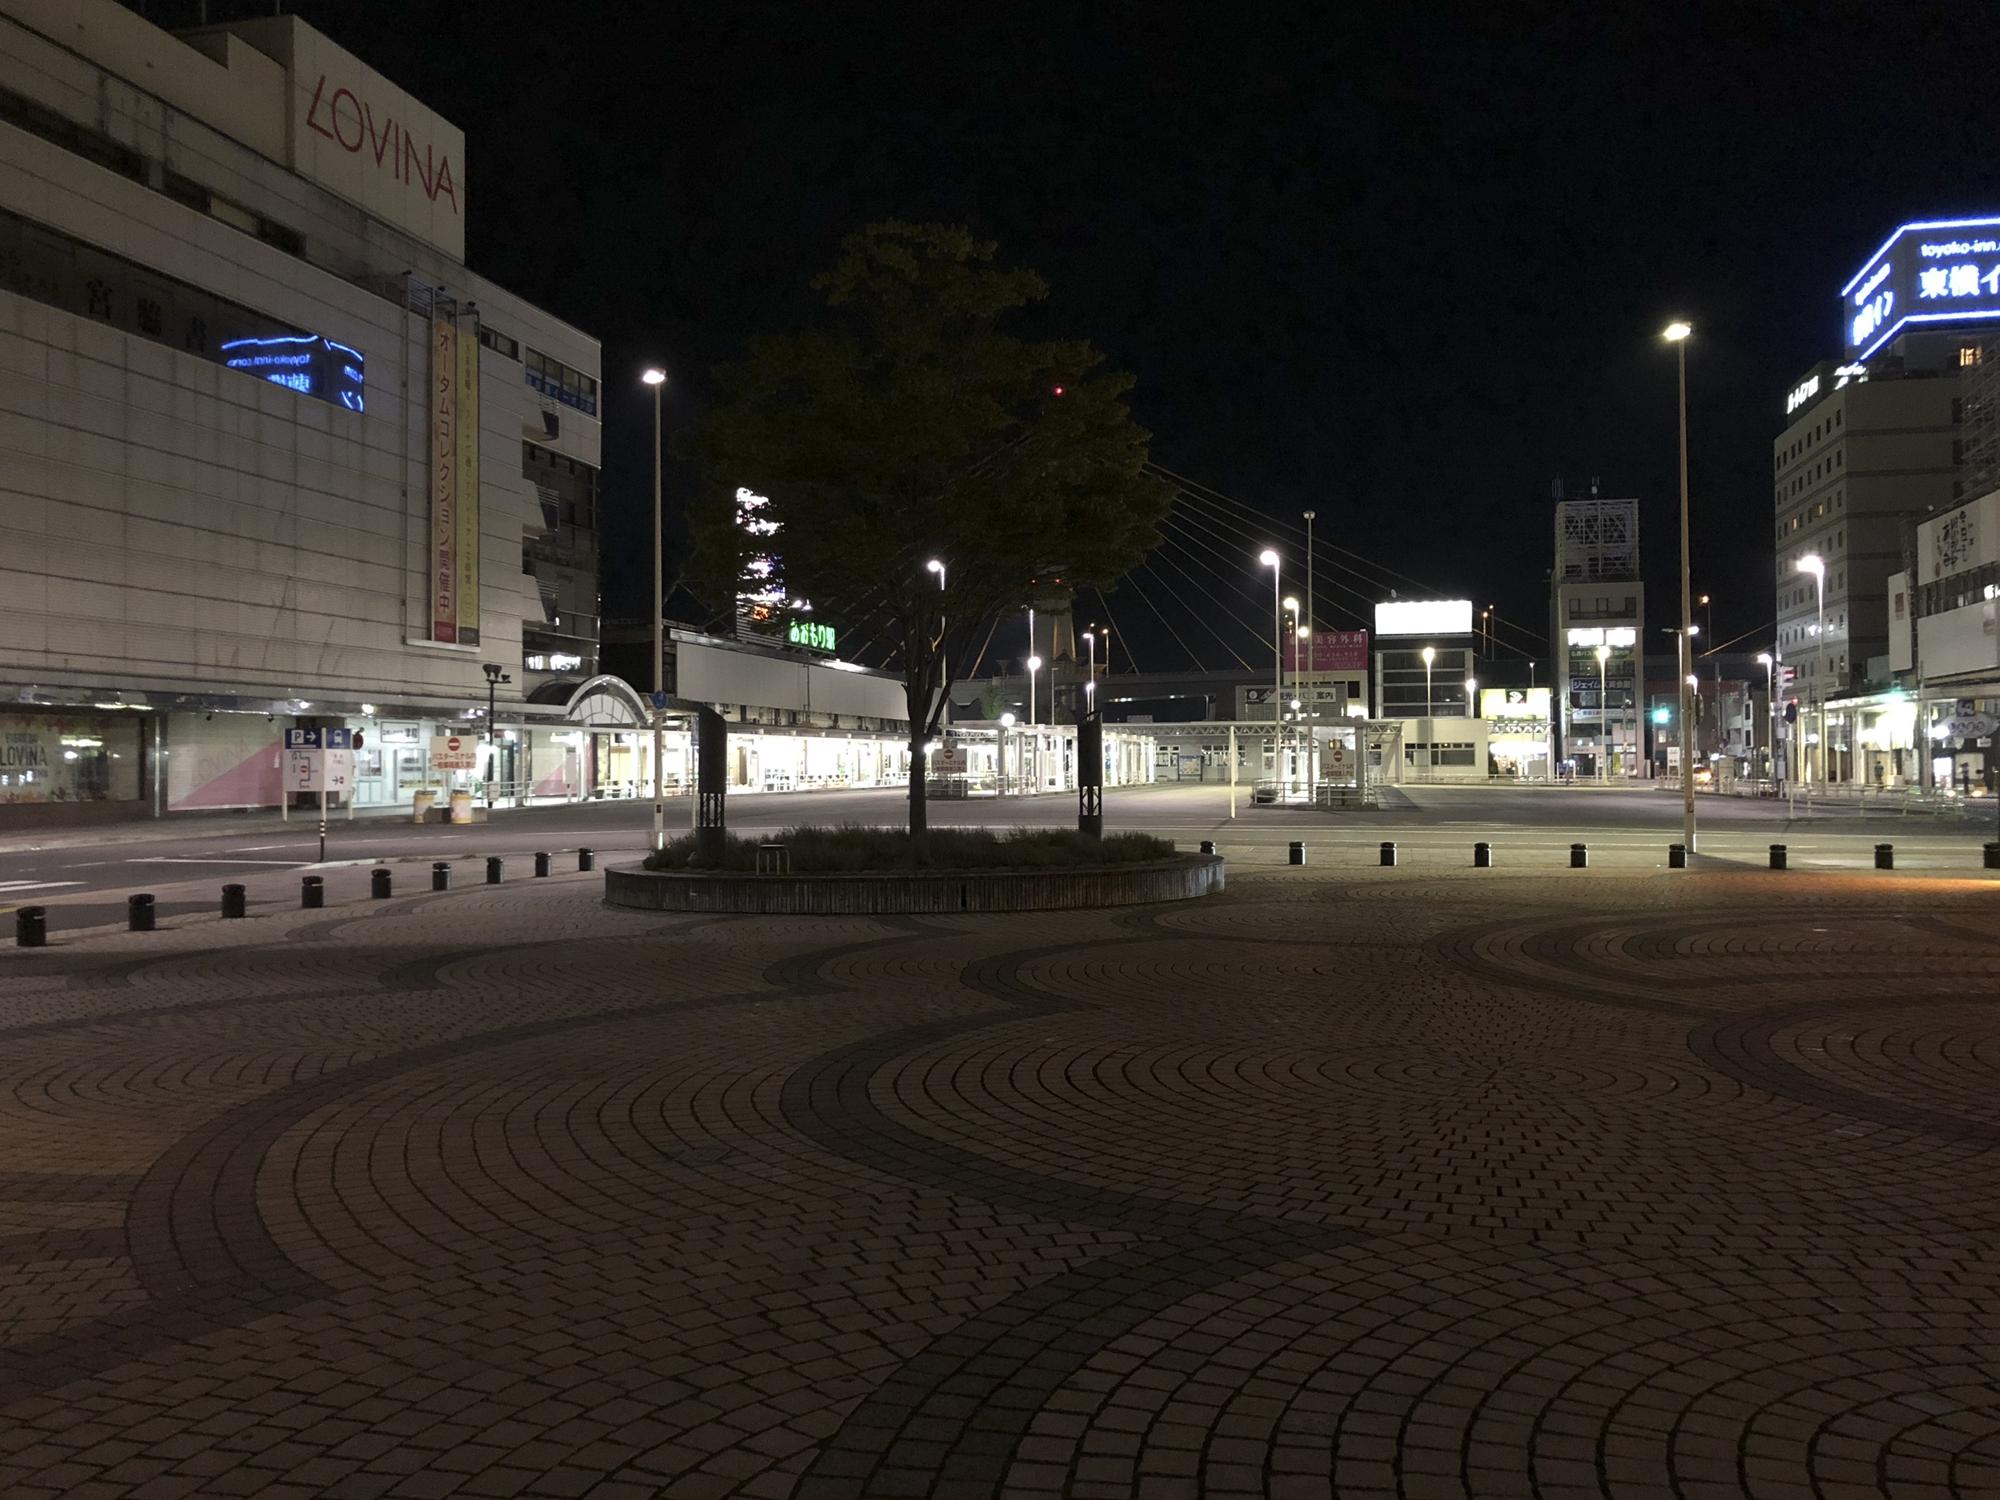 f:id:mitatowa:20181005185817j:plain